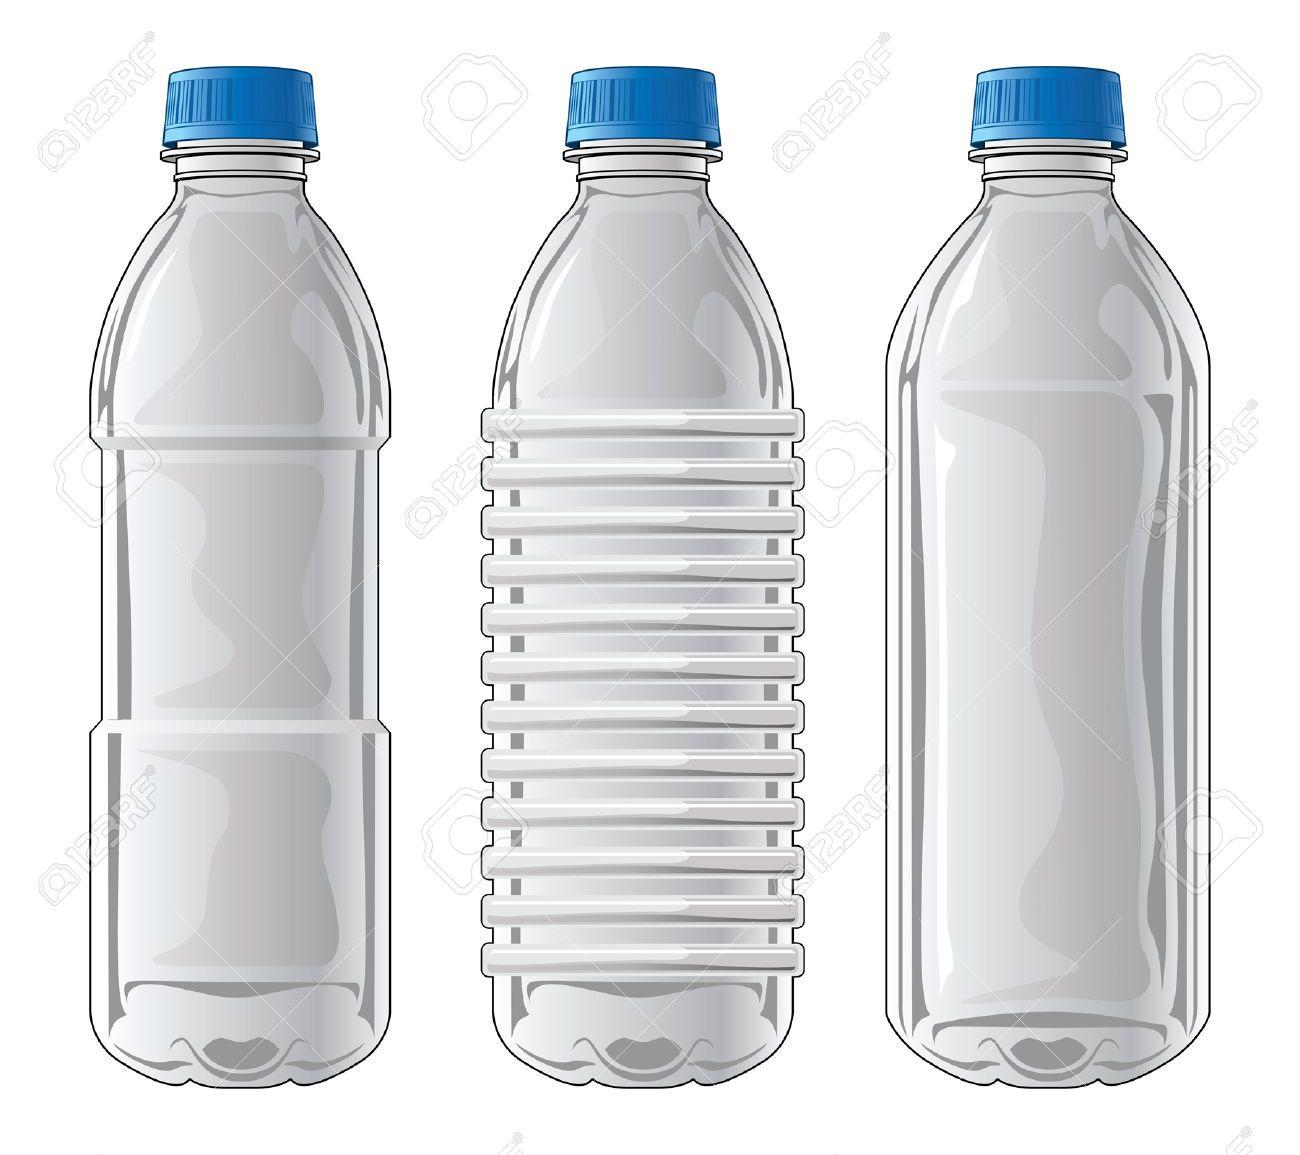 botellas de plastico se pueden crear pequeas macetas decoradas y personalizadas segun el gusto - Botellas Plastico